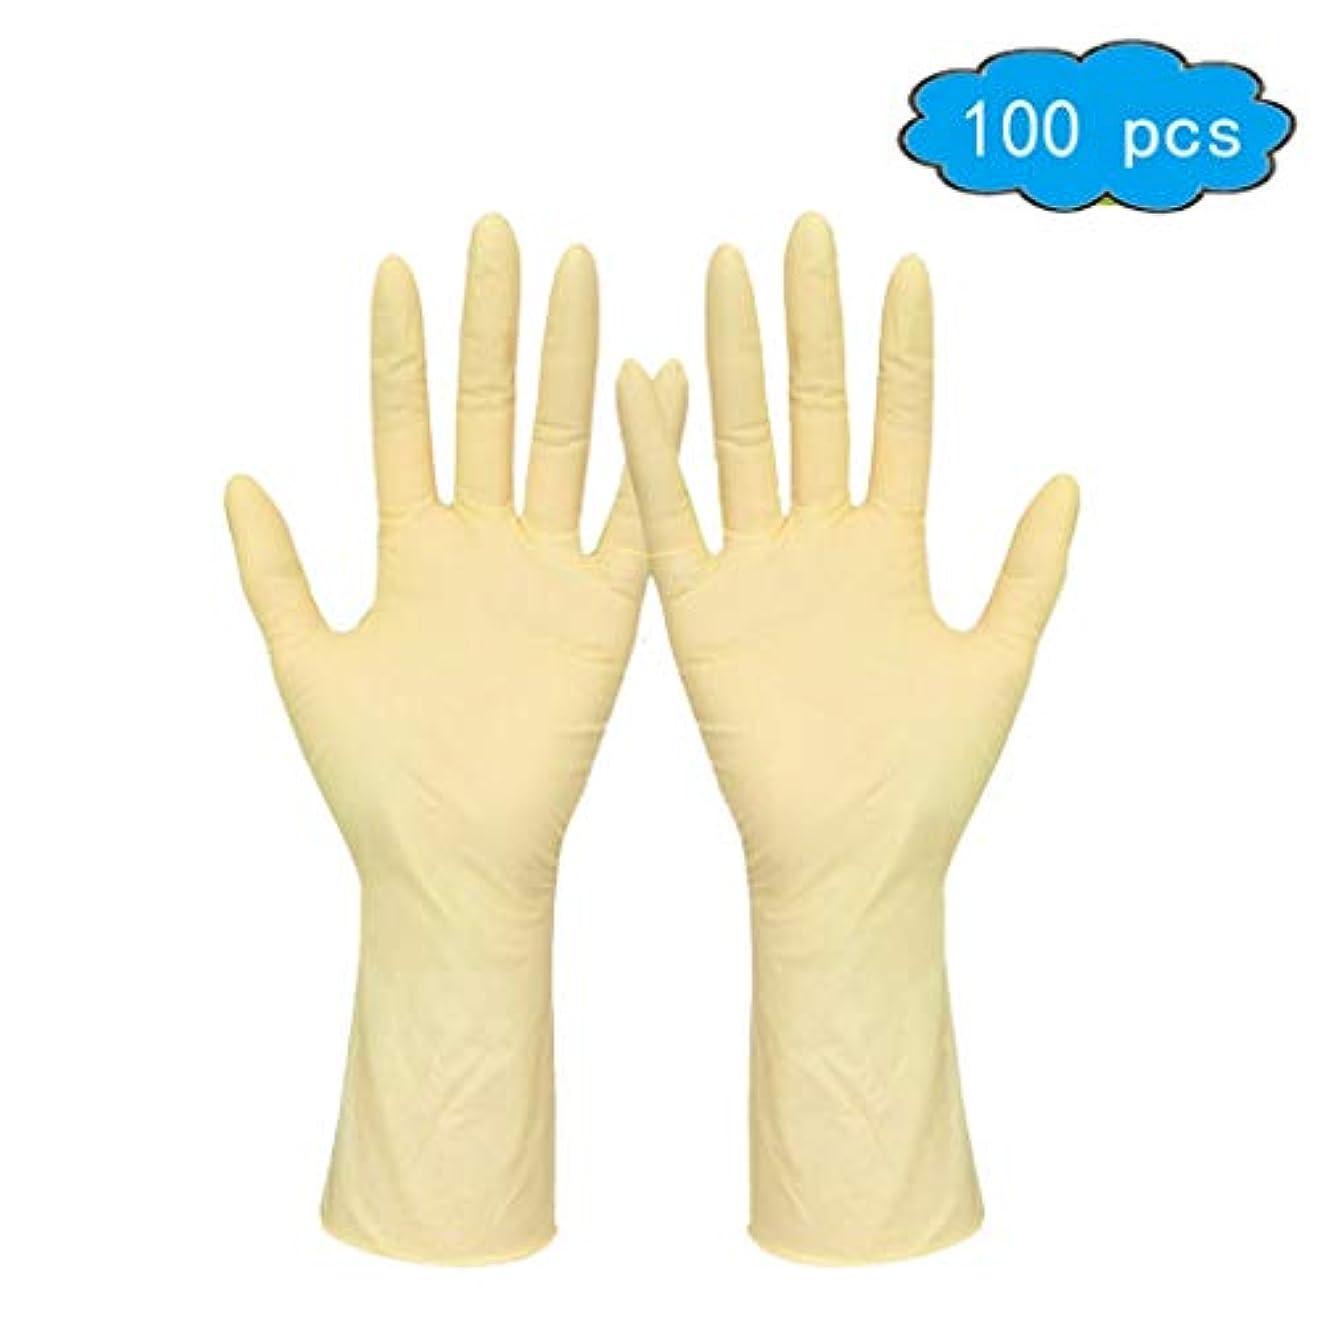 家族画家アラブサラボラテックスグローブパウダーフリー/使い捨て食品準備調理用グローブ/キッチンフードサービスクリーニンググローブ(大)100手袋、非滅菌使い捨て安全手袋 (Color : Beige, Size : S)